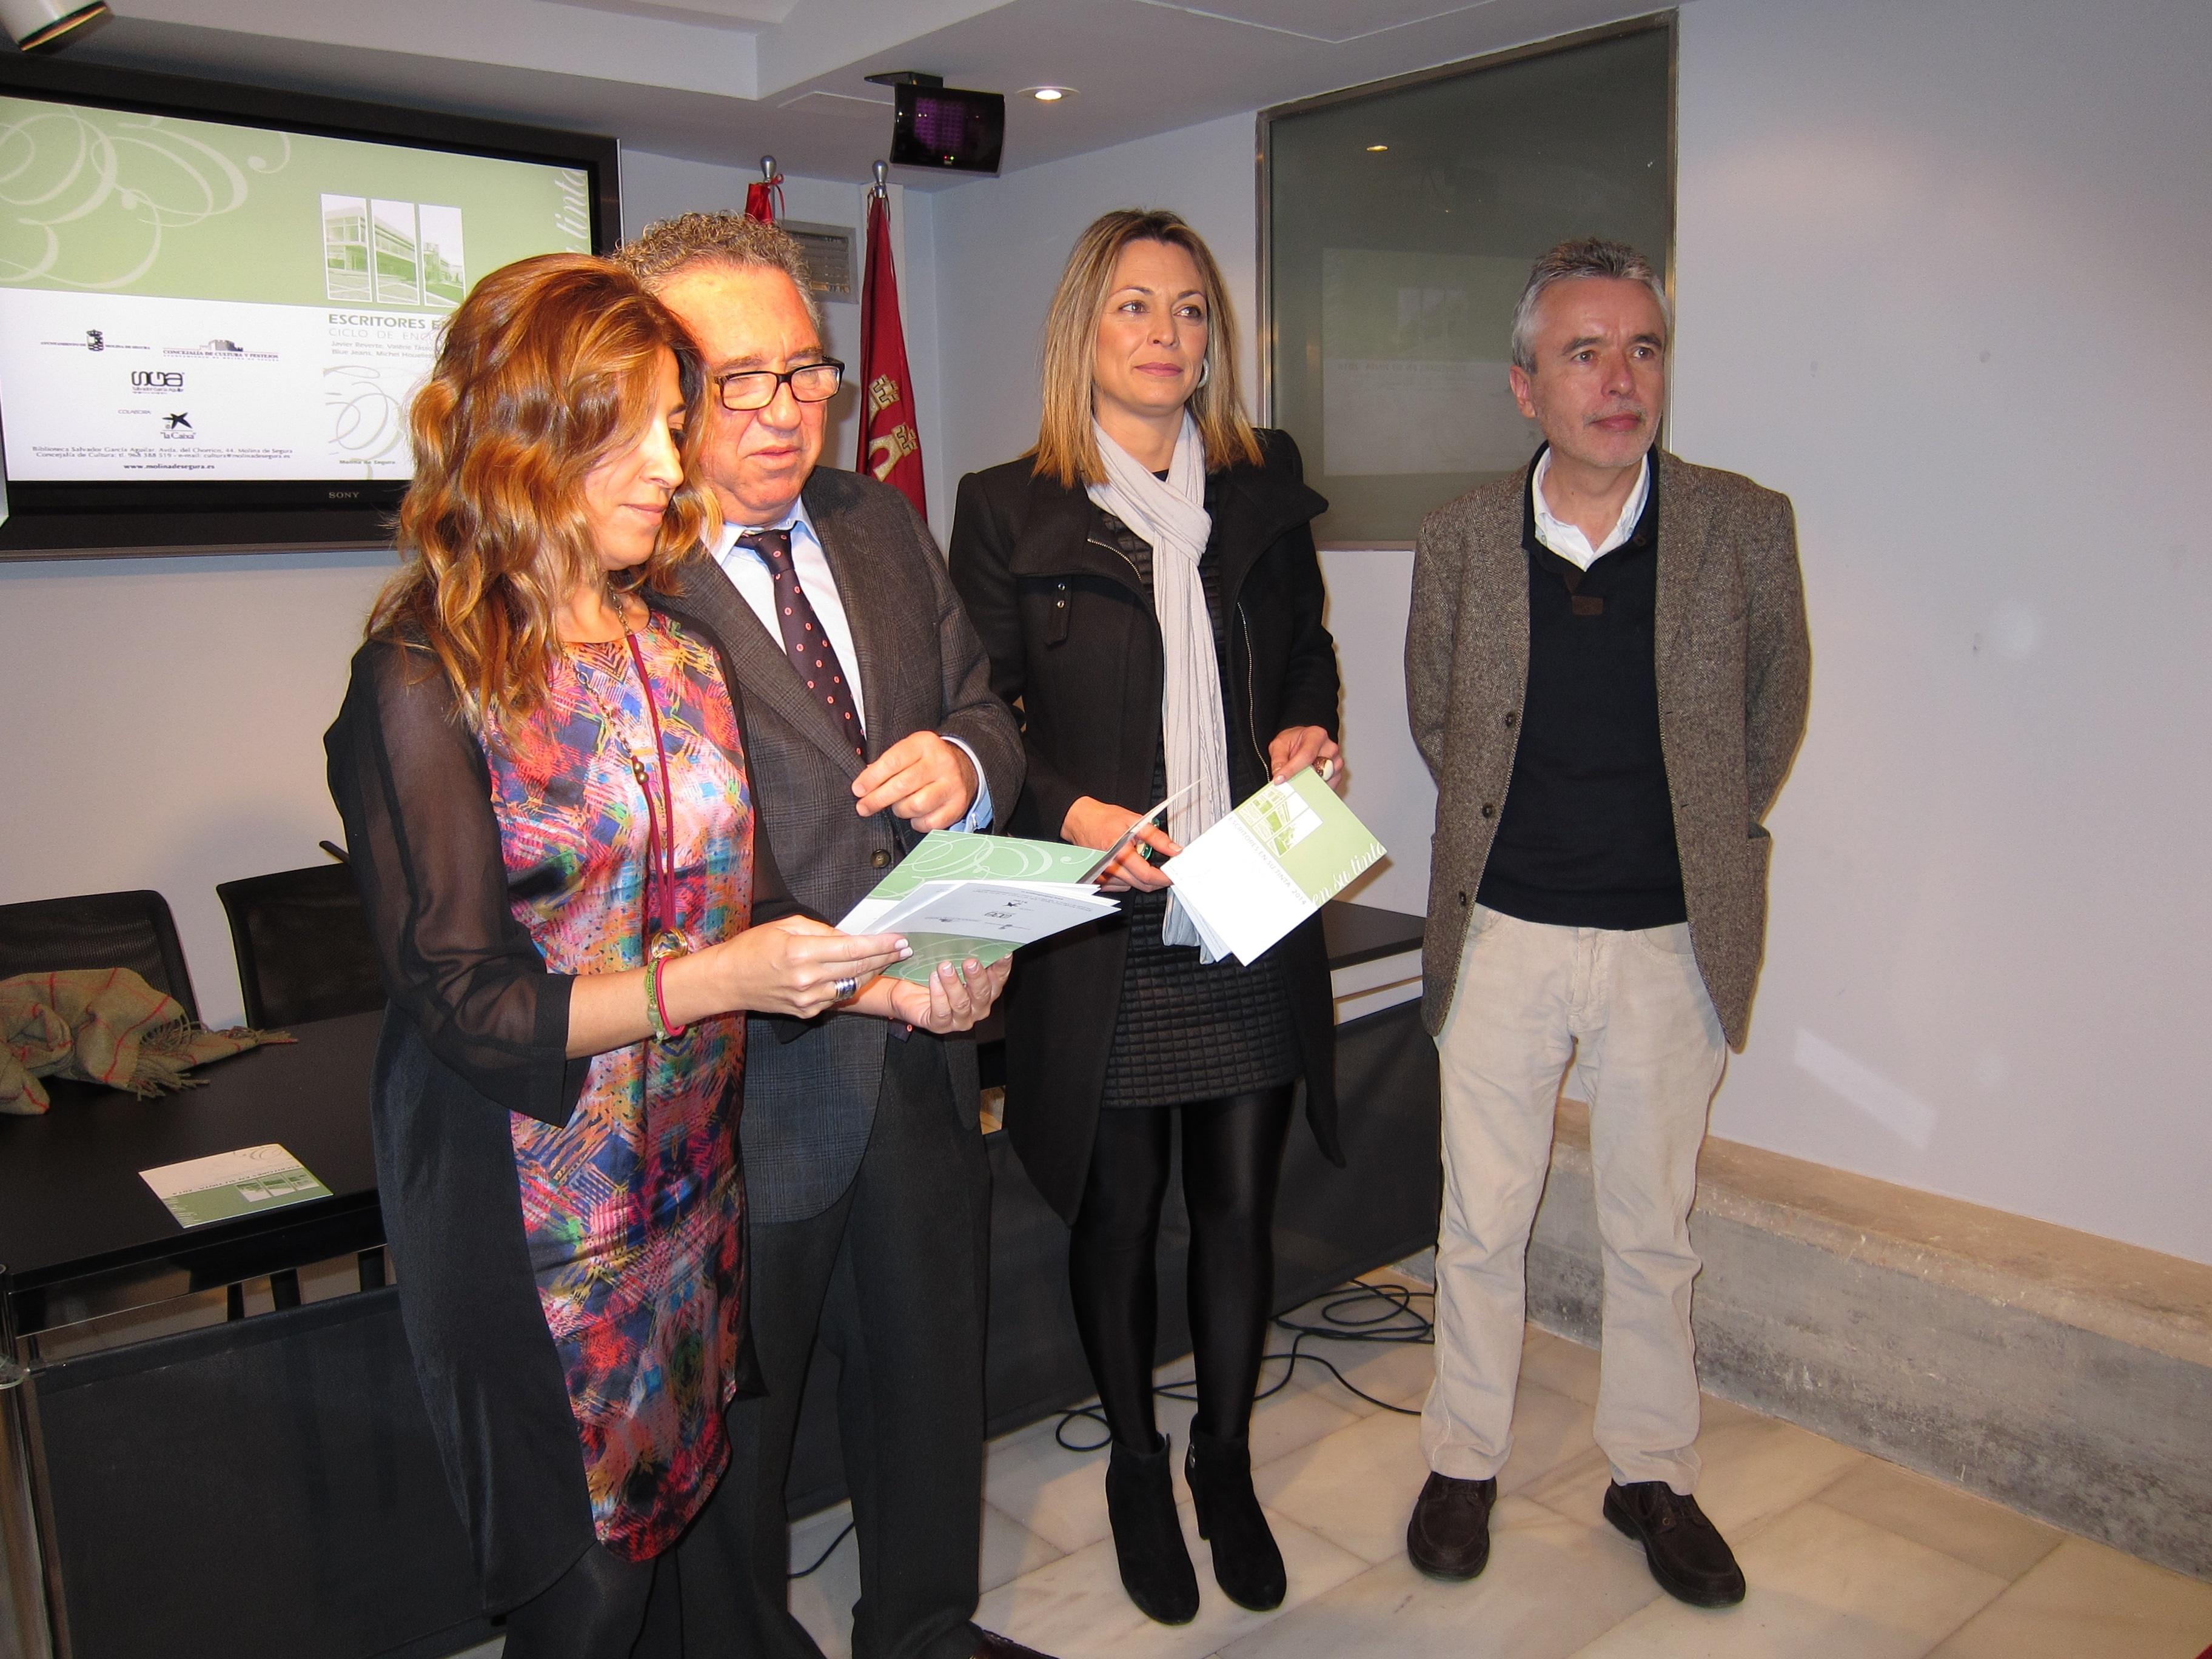 La VIII edición del ciclo »Escritores en su tinta» traerá este año a Javier Reverte, Megan Maxwell y Michel Houellebecq